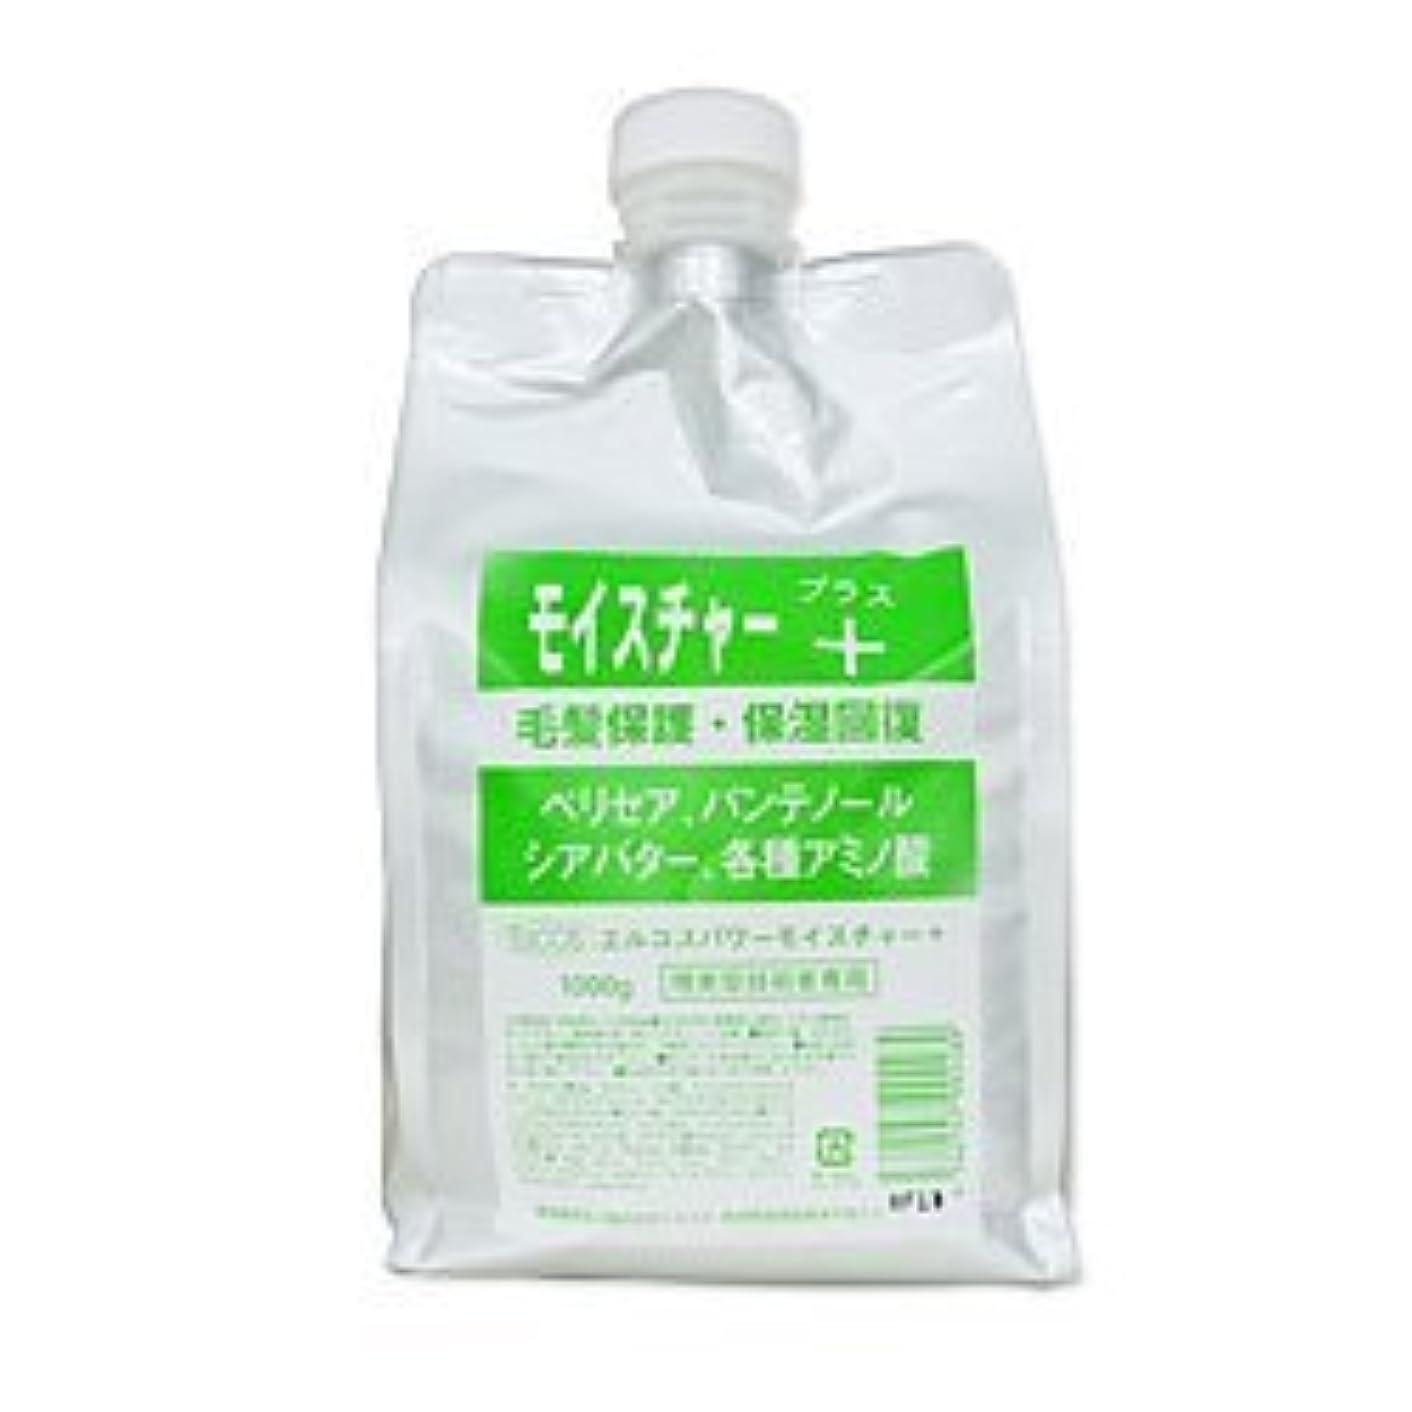 幹三番ピンクエルコス パワー モイスチャー+ 1000g(詰替用)(トリートメント)